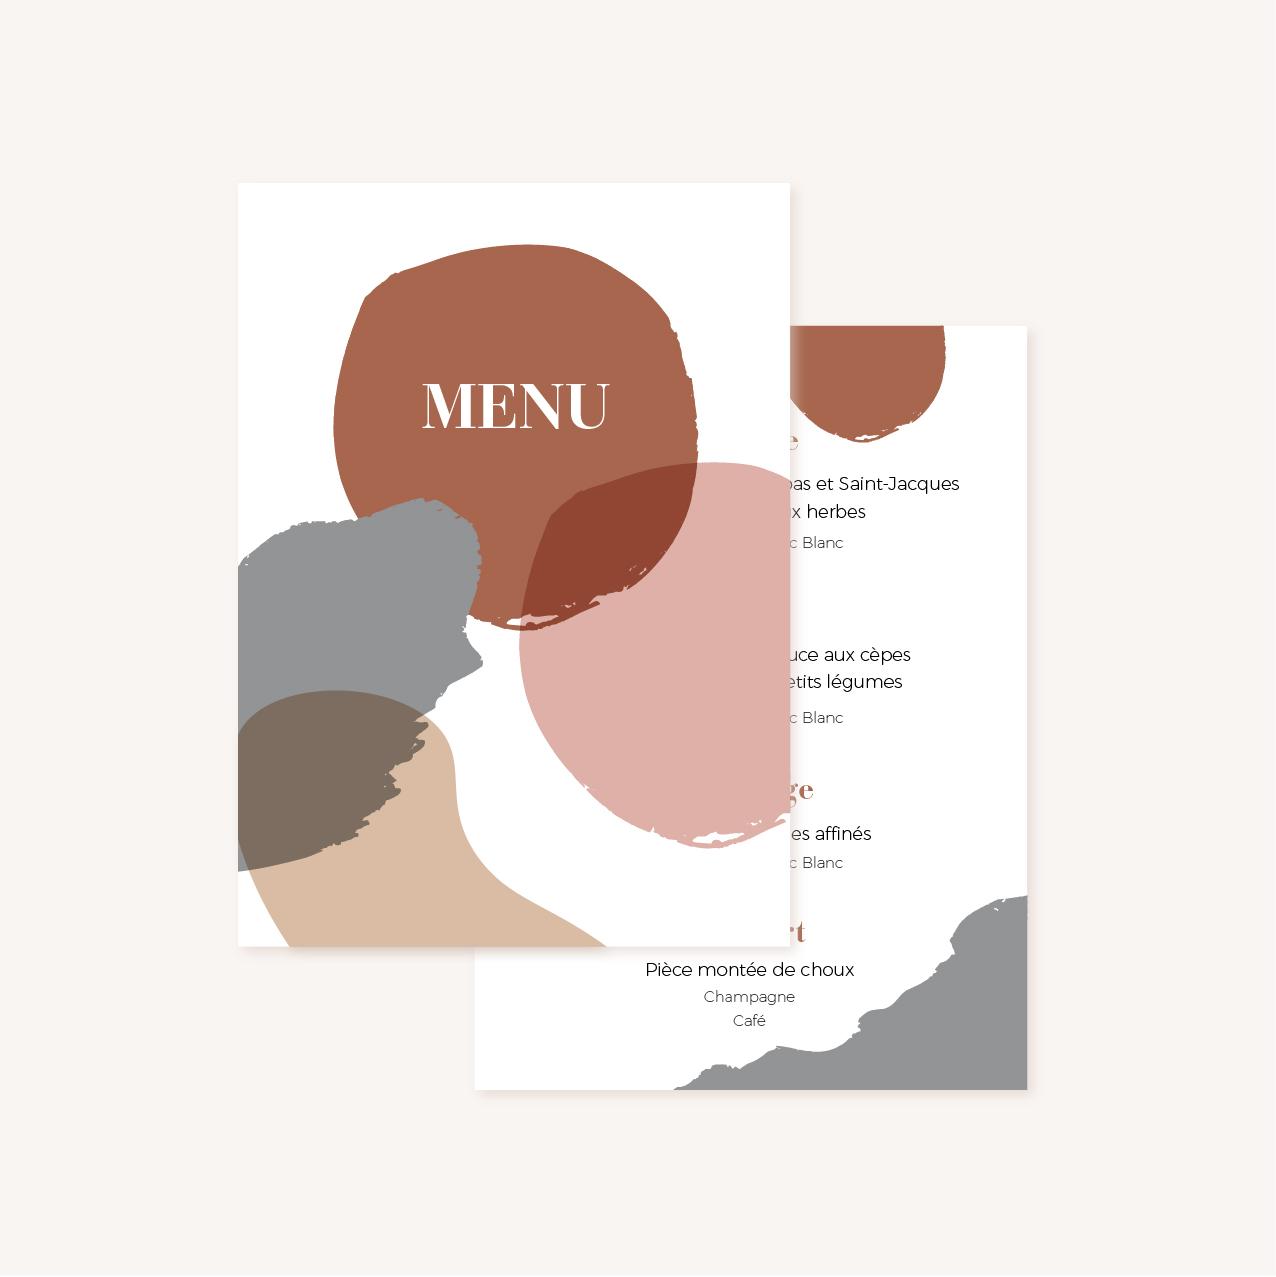 menu-mariage-abstrait-boho-sahara-couleur-sable-terracotta-beige-desert-36